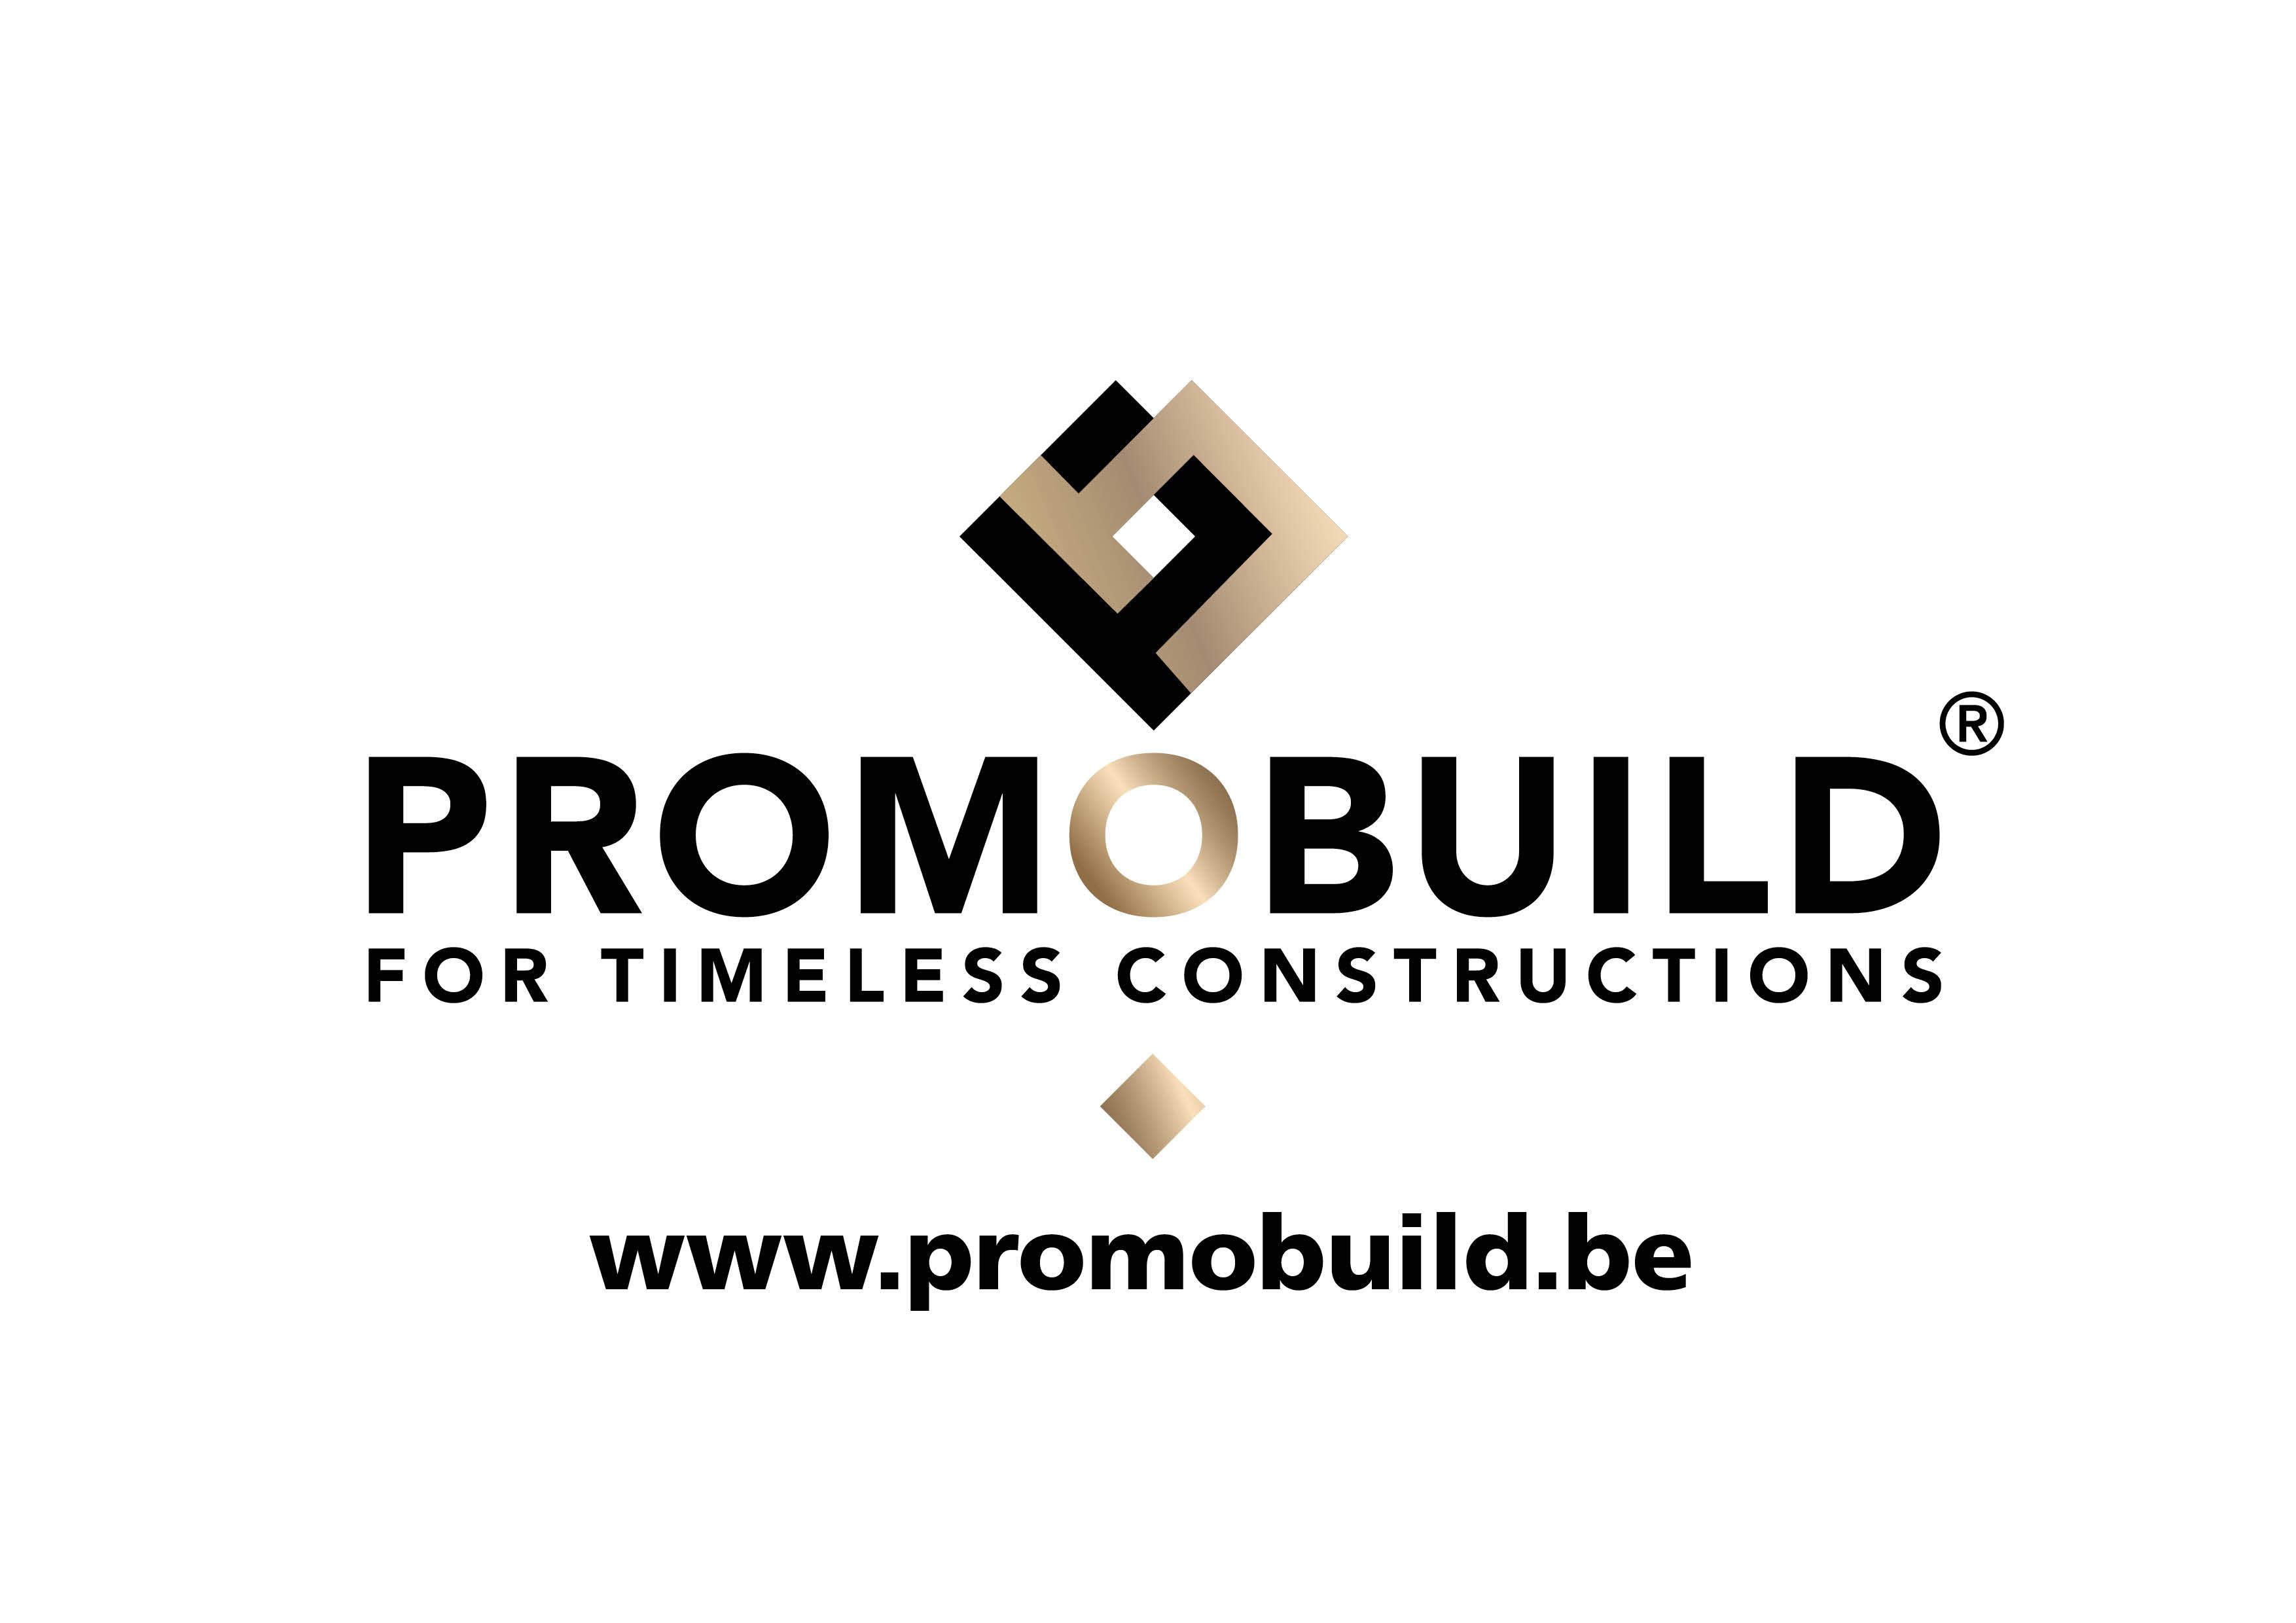 goud-promobuild